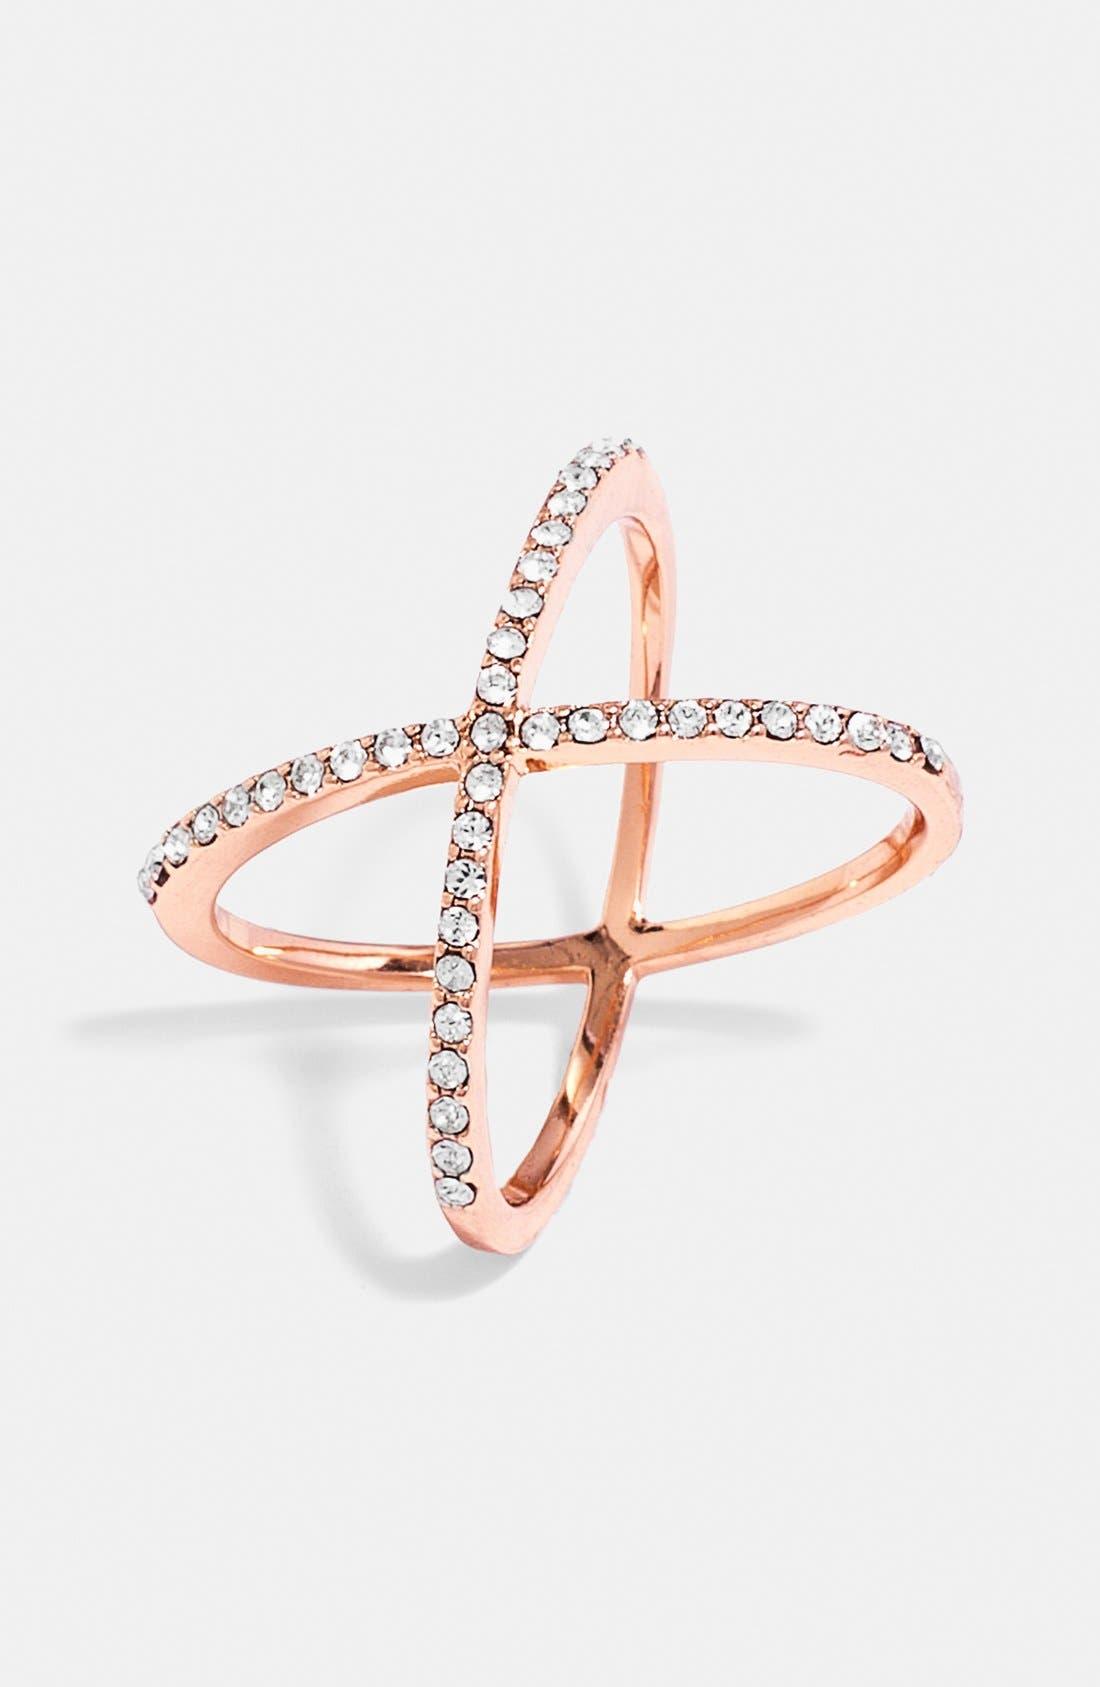 Main Image - BaubleBar Crystal 'Mason' Ring